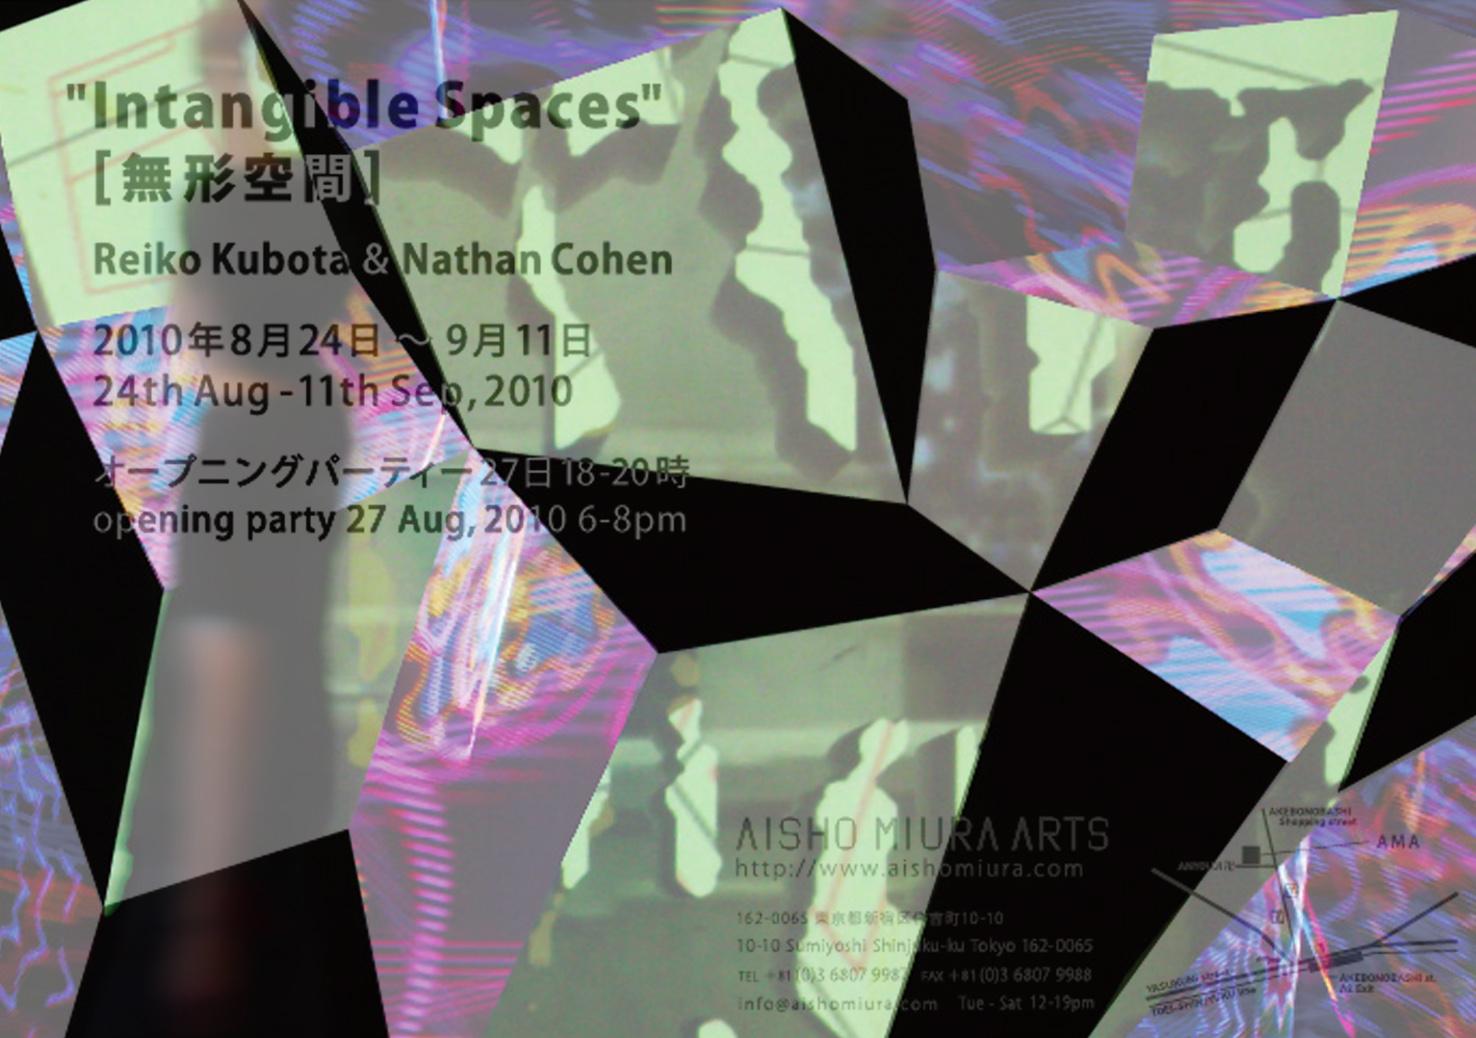 2010 Intangible Spaces   Aisho Miura Arts, Tokyo, JAPAN